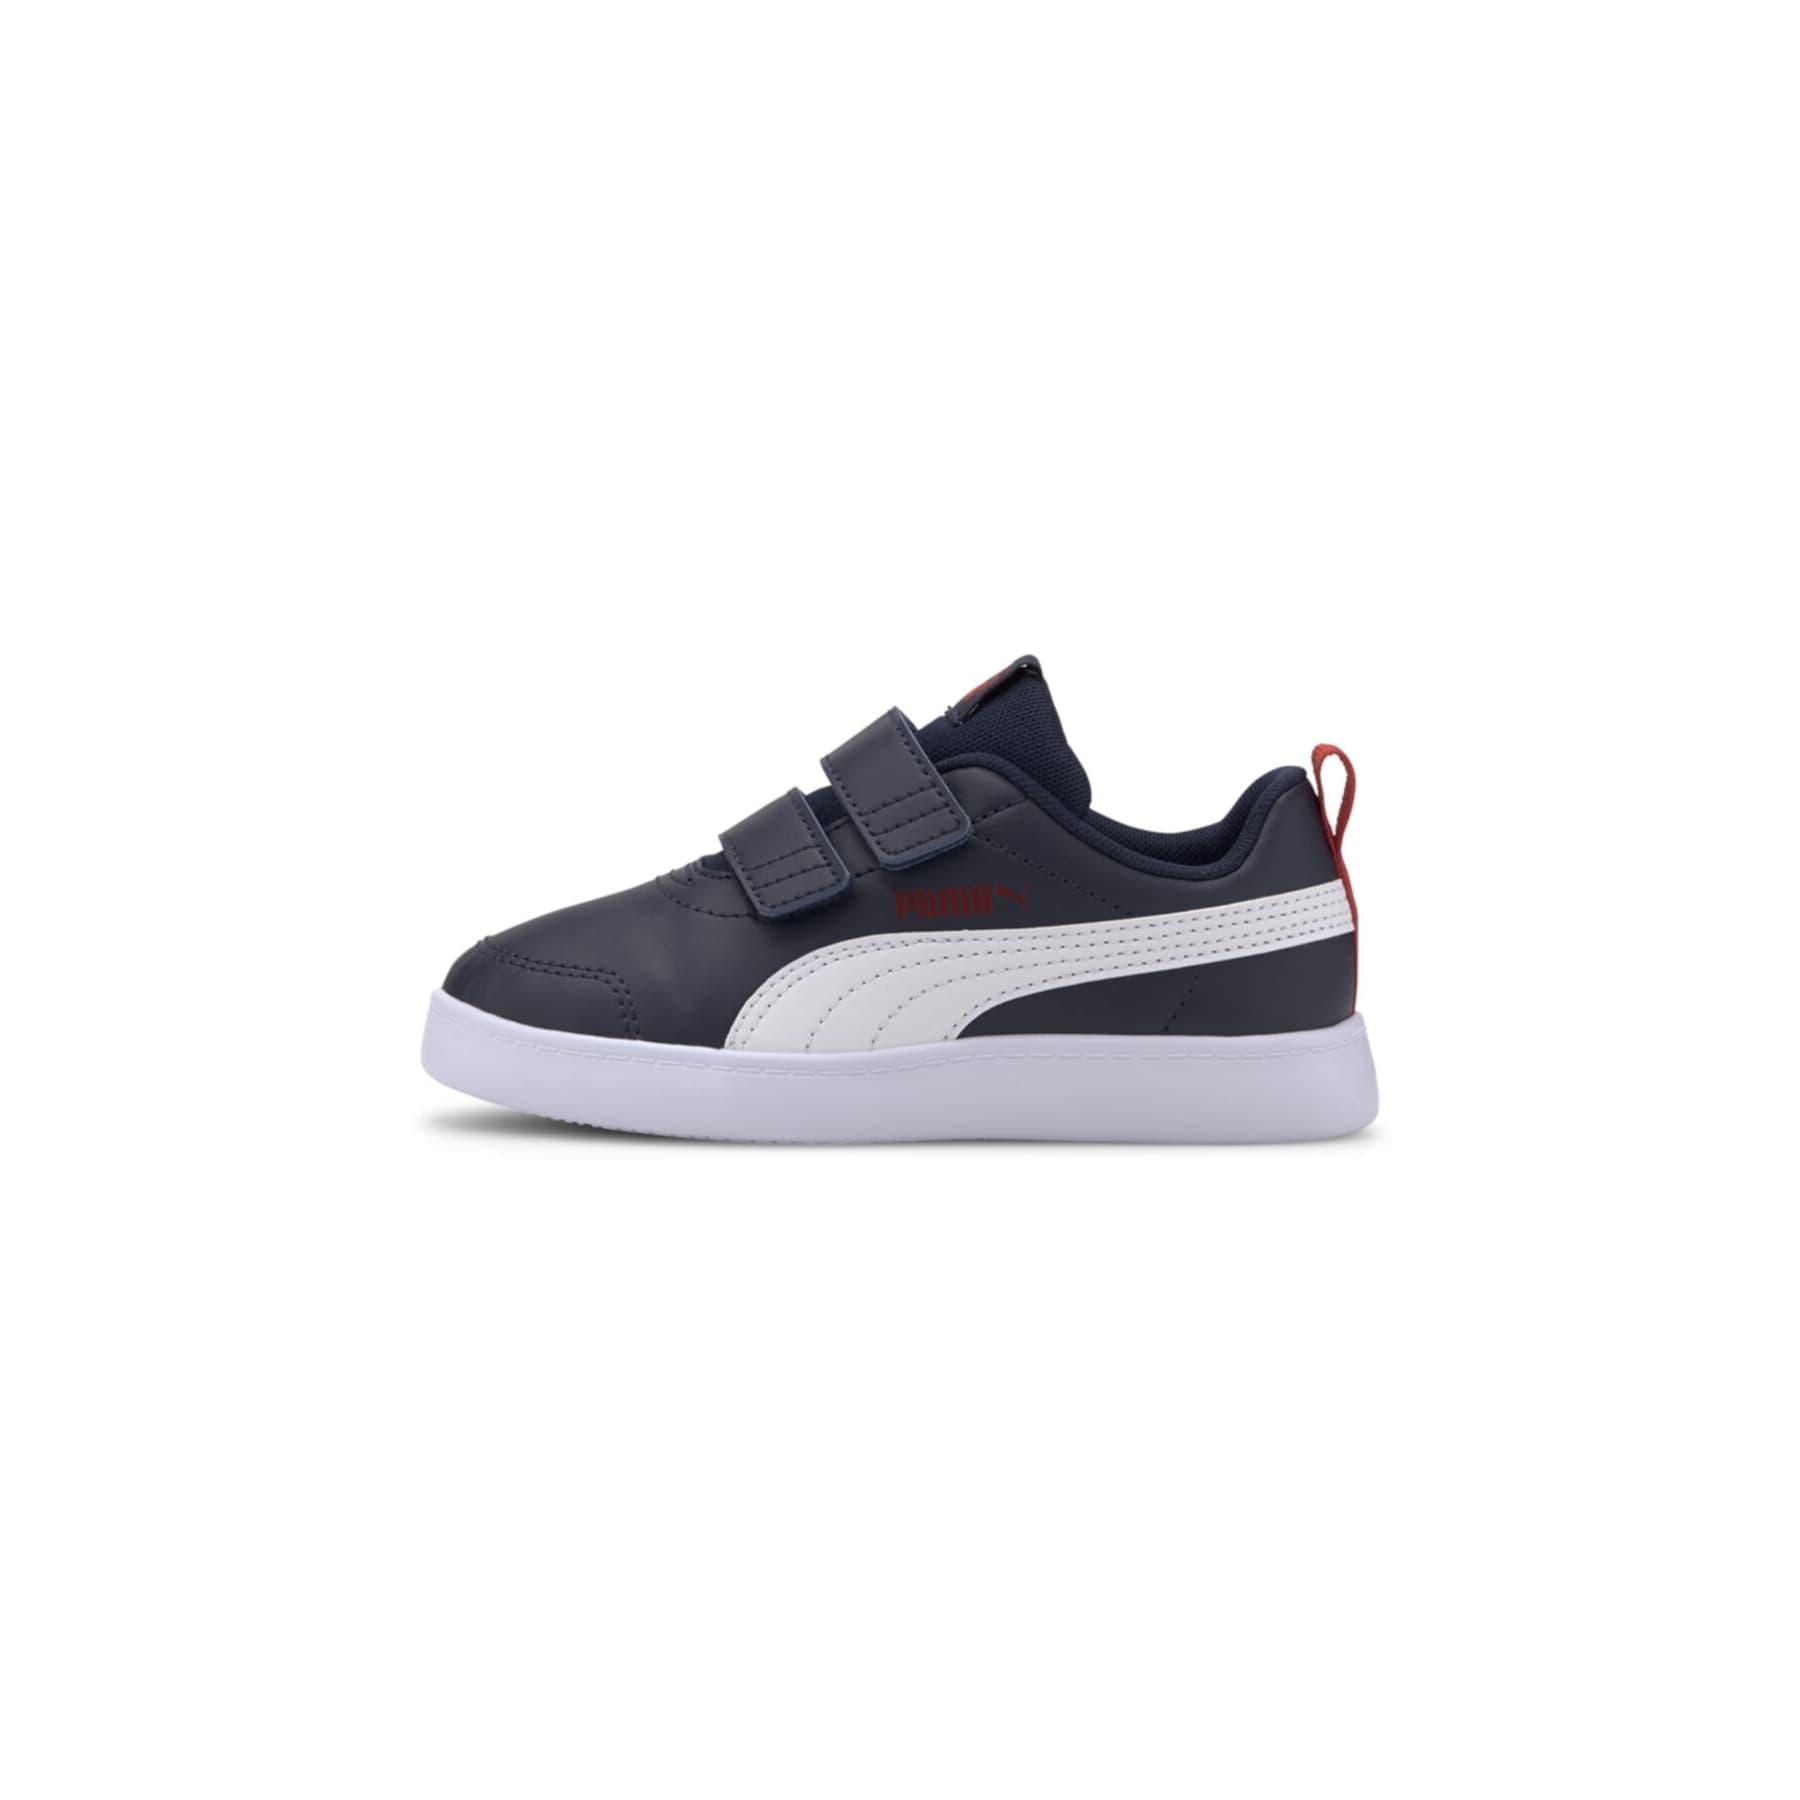 Courtflex V2 Çocuk Lacivert Spor Ayakkabı (371543-01)